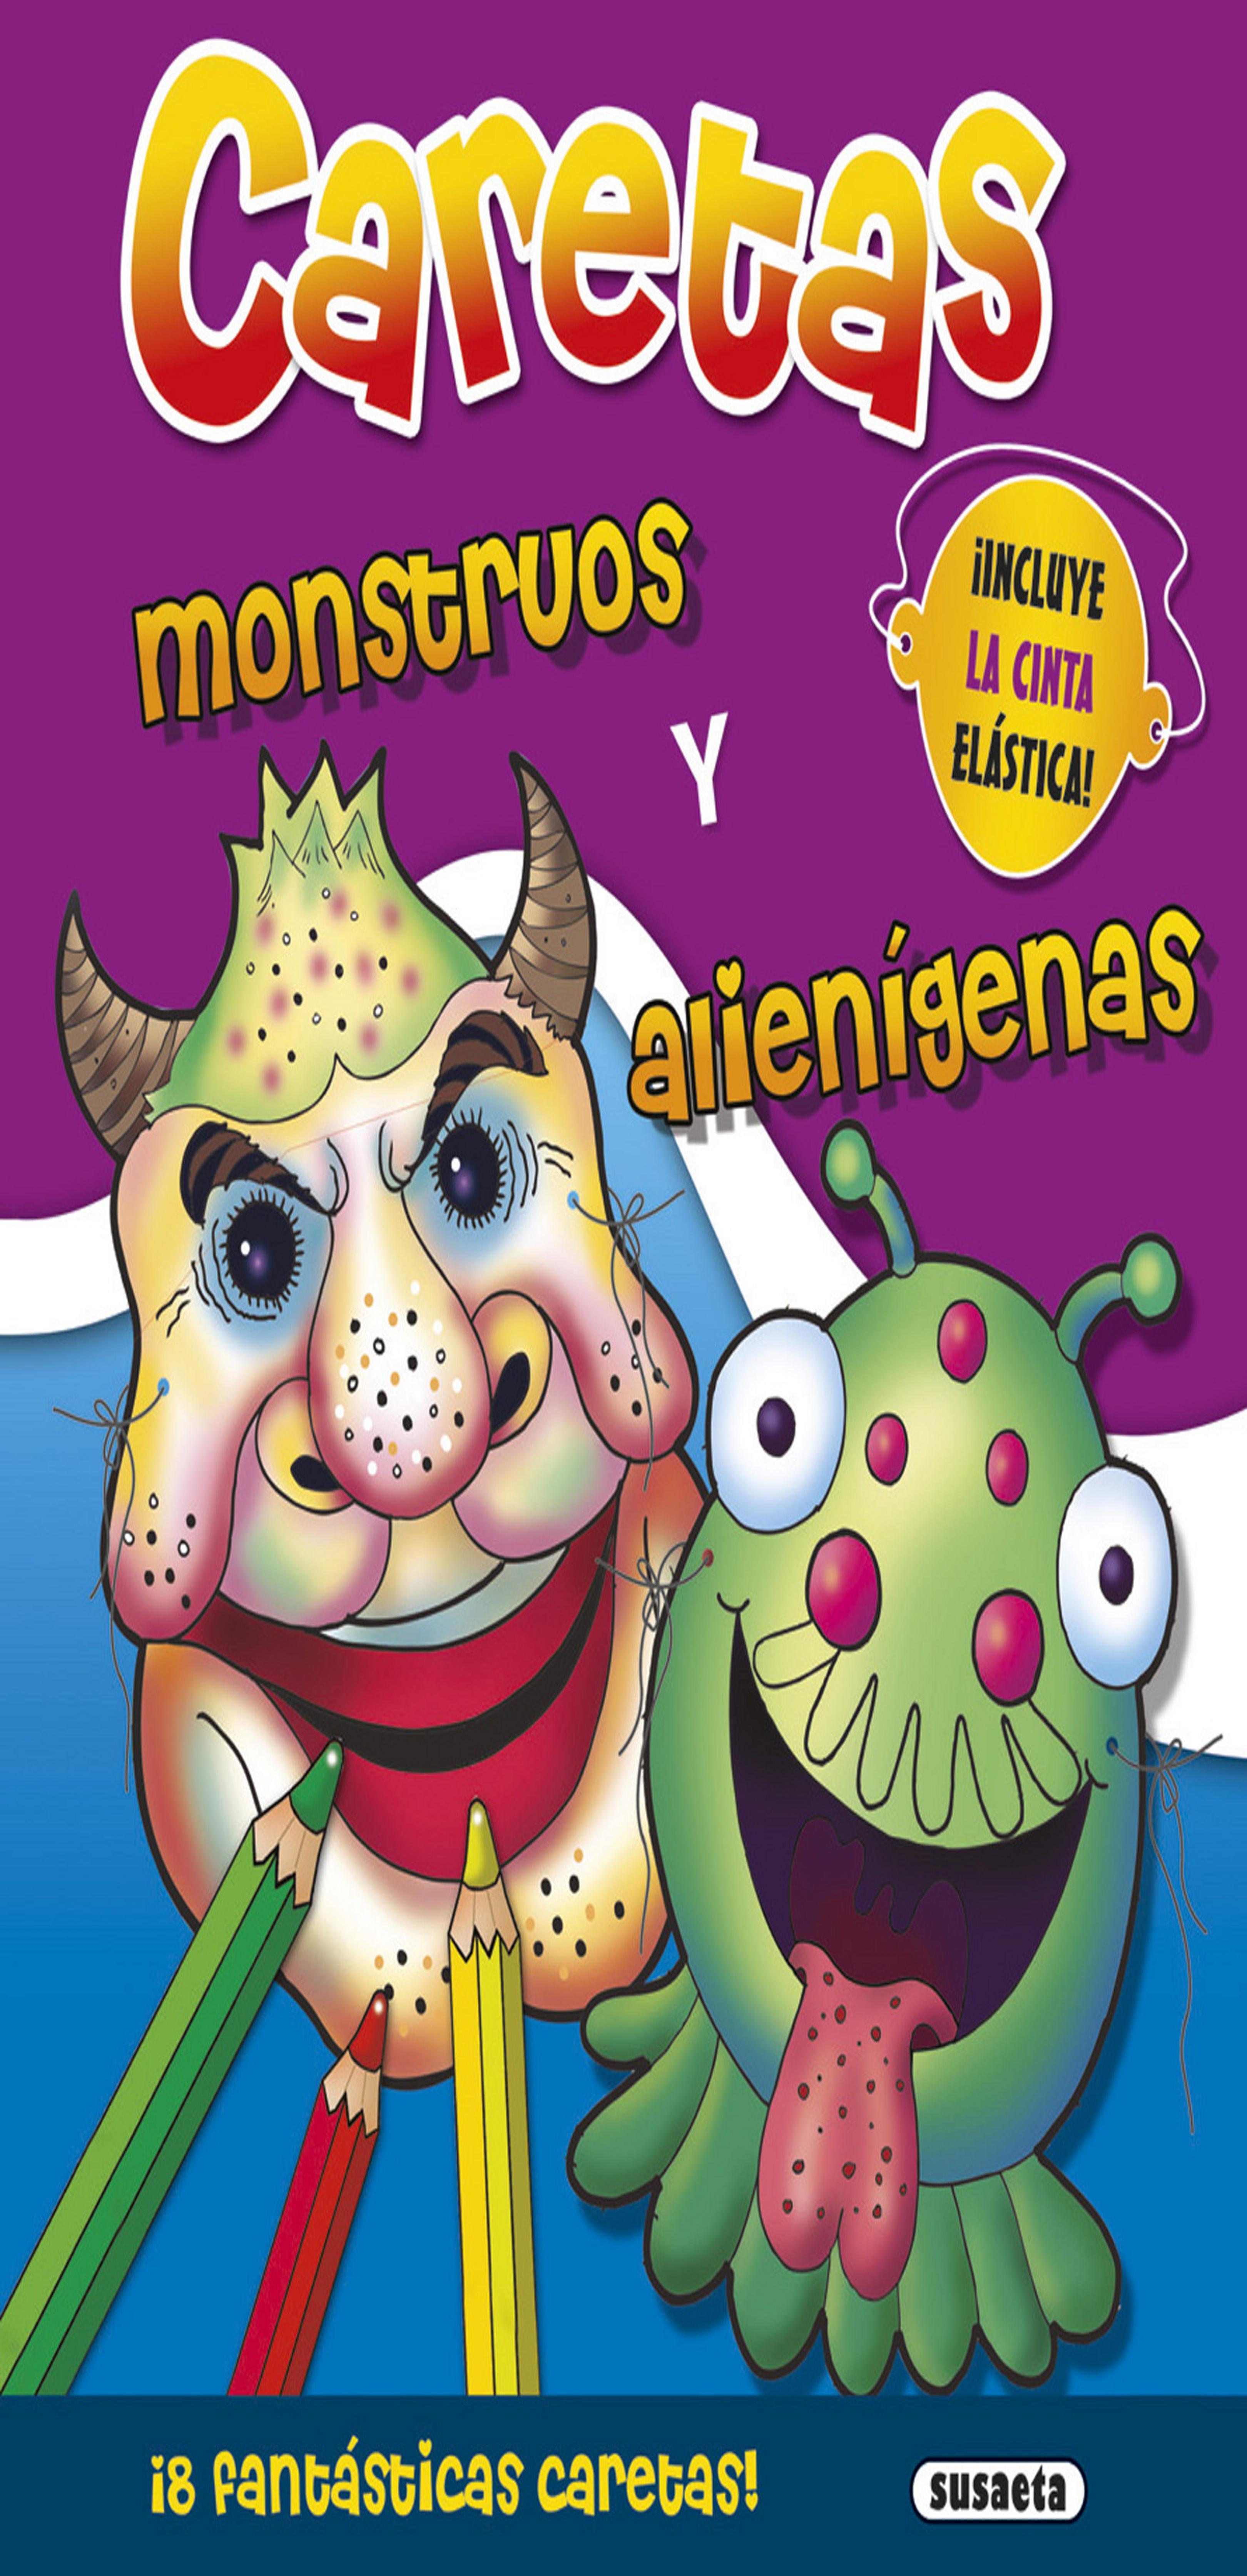 MONSTRUOS Y ALIENIGENAS